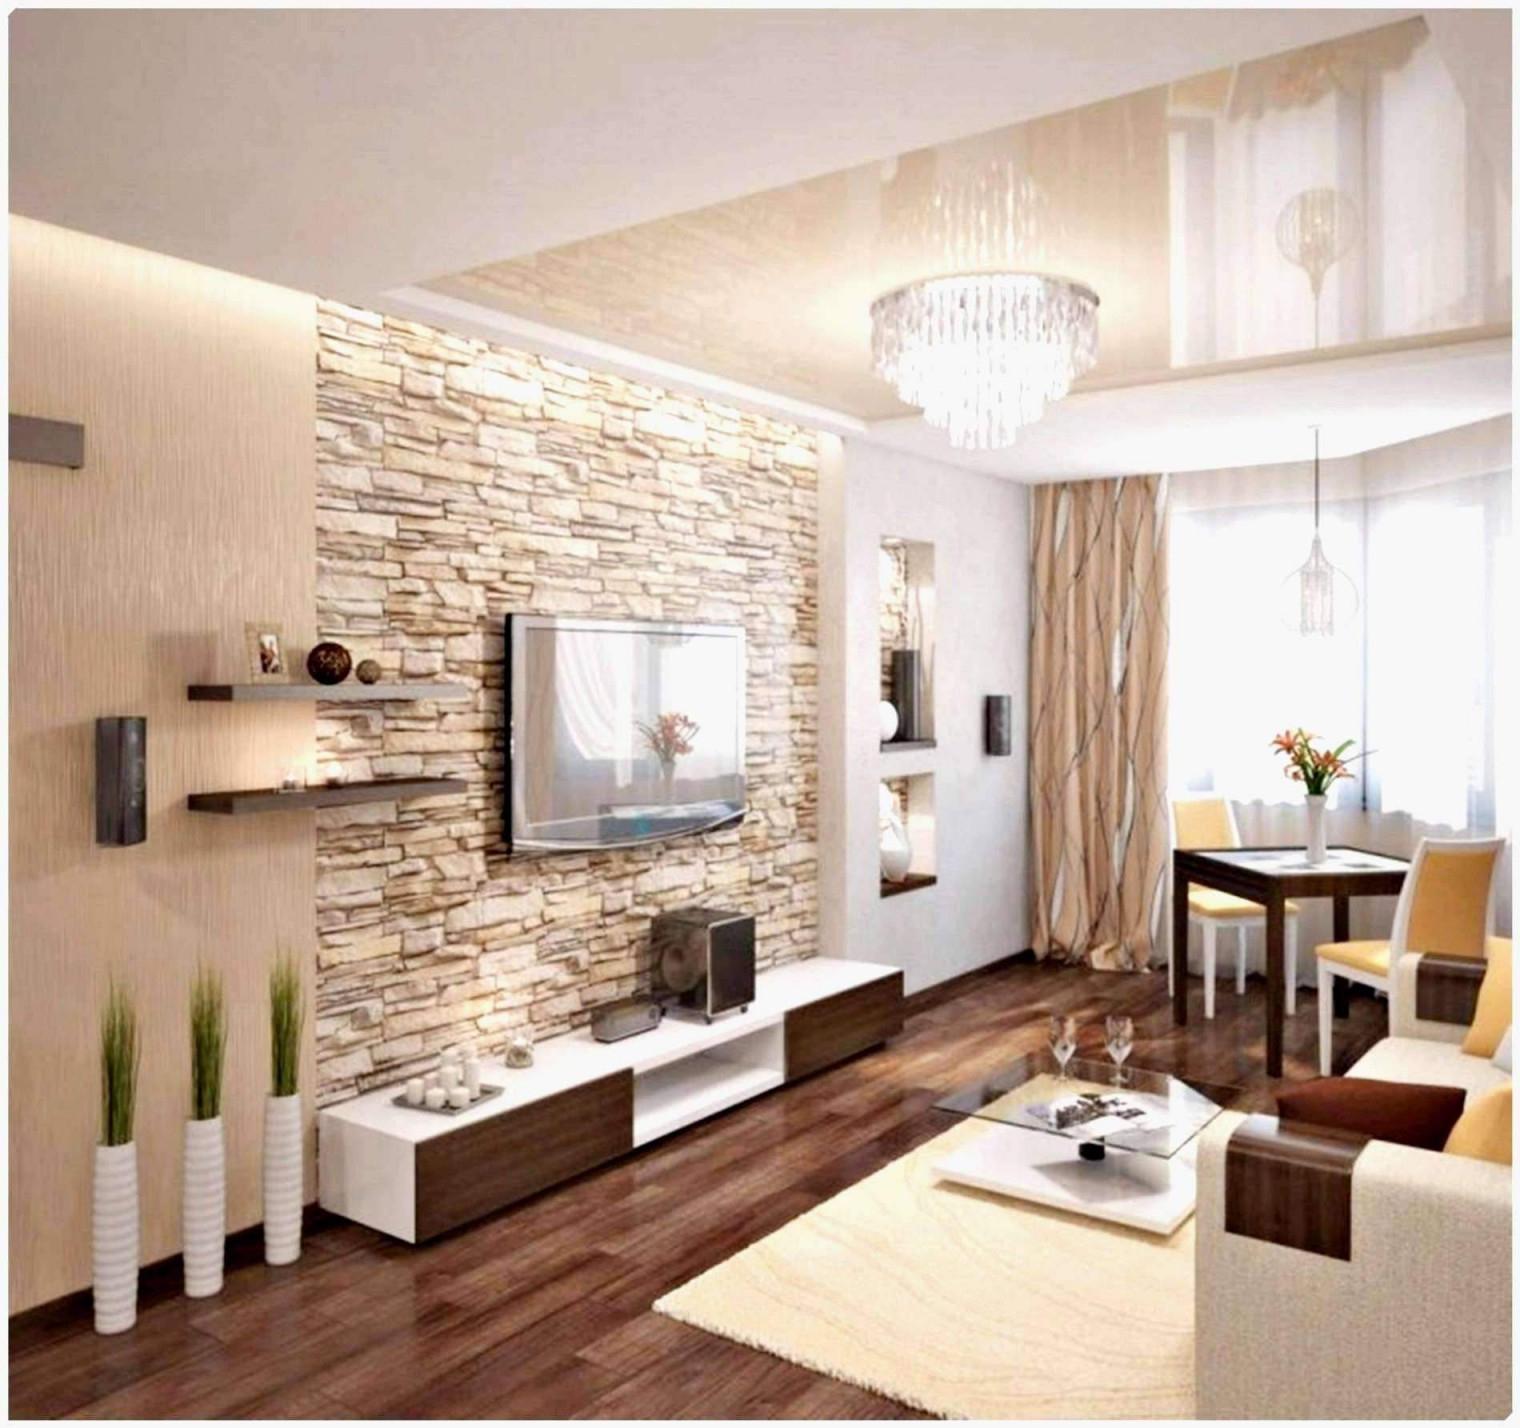 Bilder Mit Rahmen Für Wohnzimmer Reizend New Massivholzmöbel von Bilder Wohnzimmer Mit Rahmen Photo